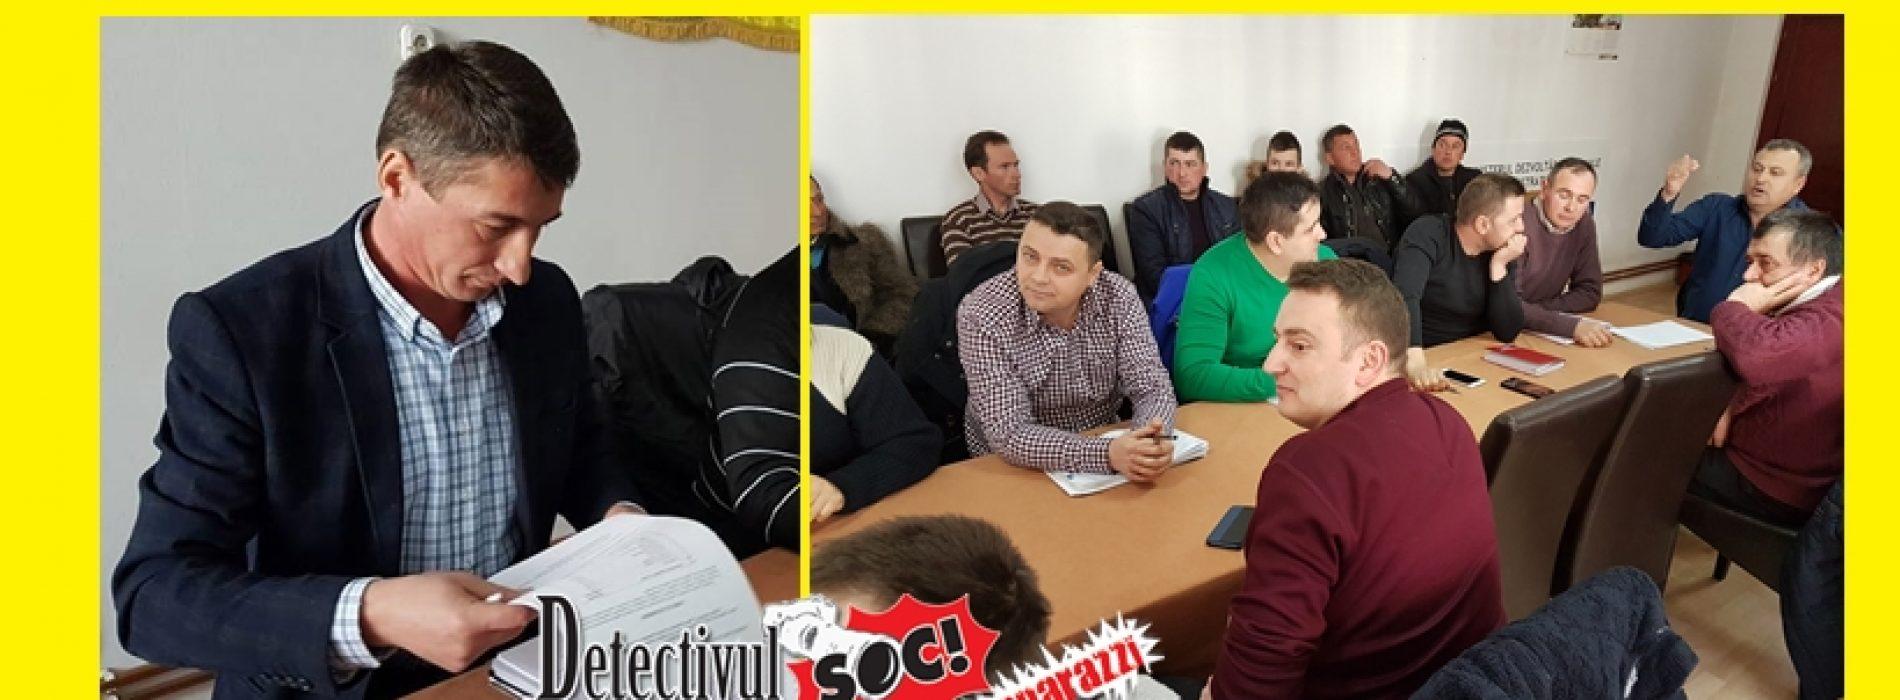 ÎNVINS în instanță. Consilierii PNL și PMP au CÂȘTIGAT PROCESUL cu primarul Liviu Tămaș din Budești